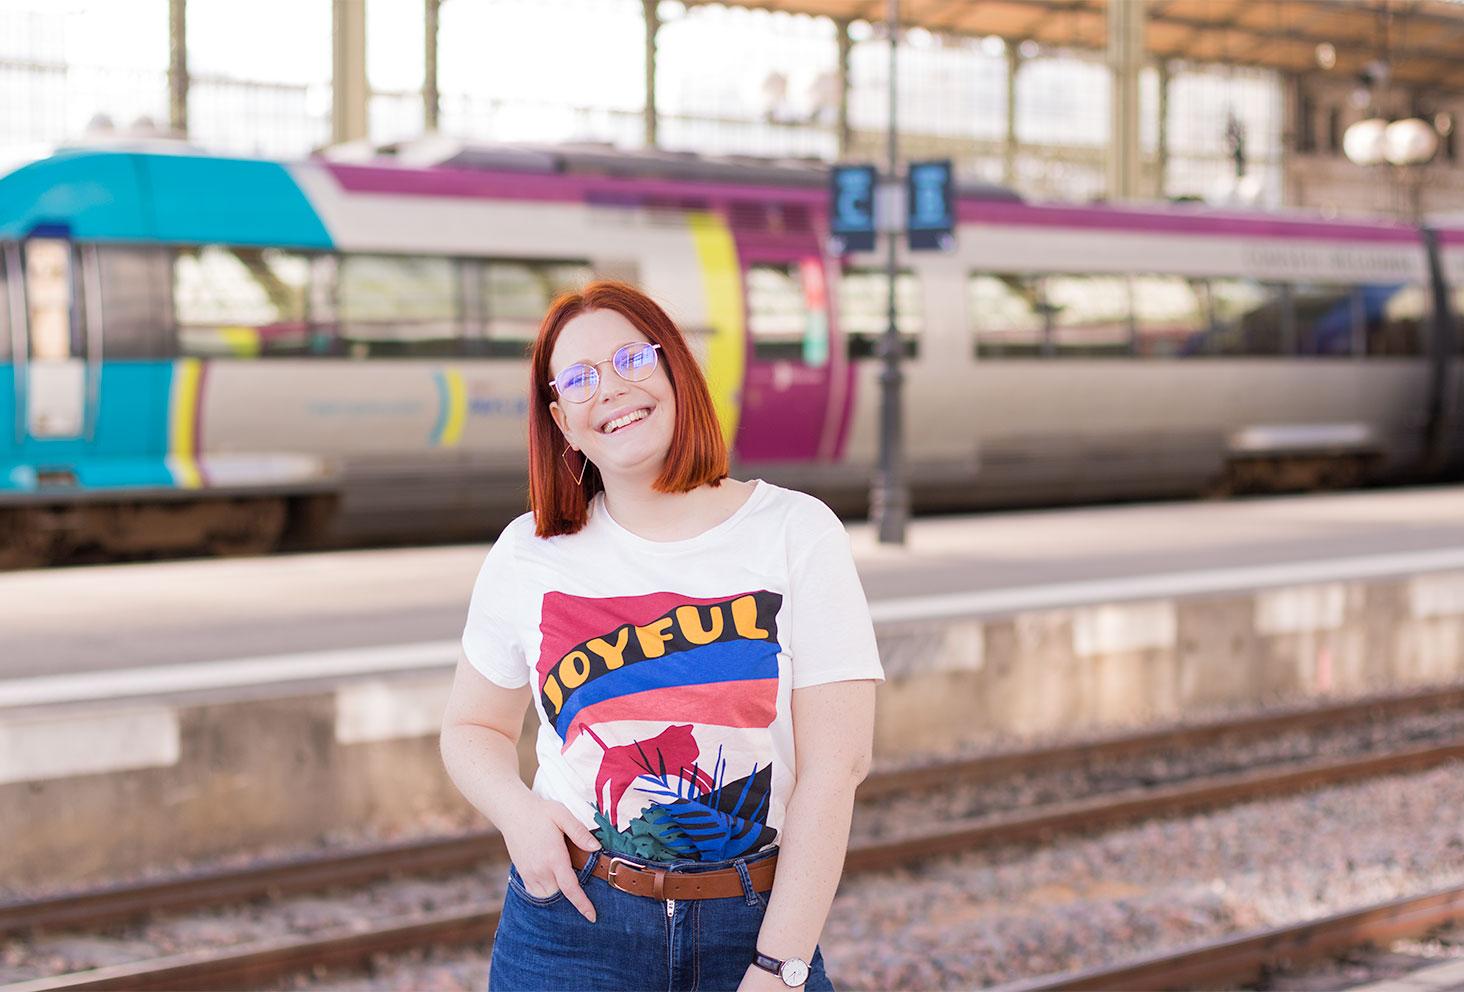 En t-shirt Joyful Kiabi devant le train à la gare, avec une main dans la poche et le sourire